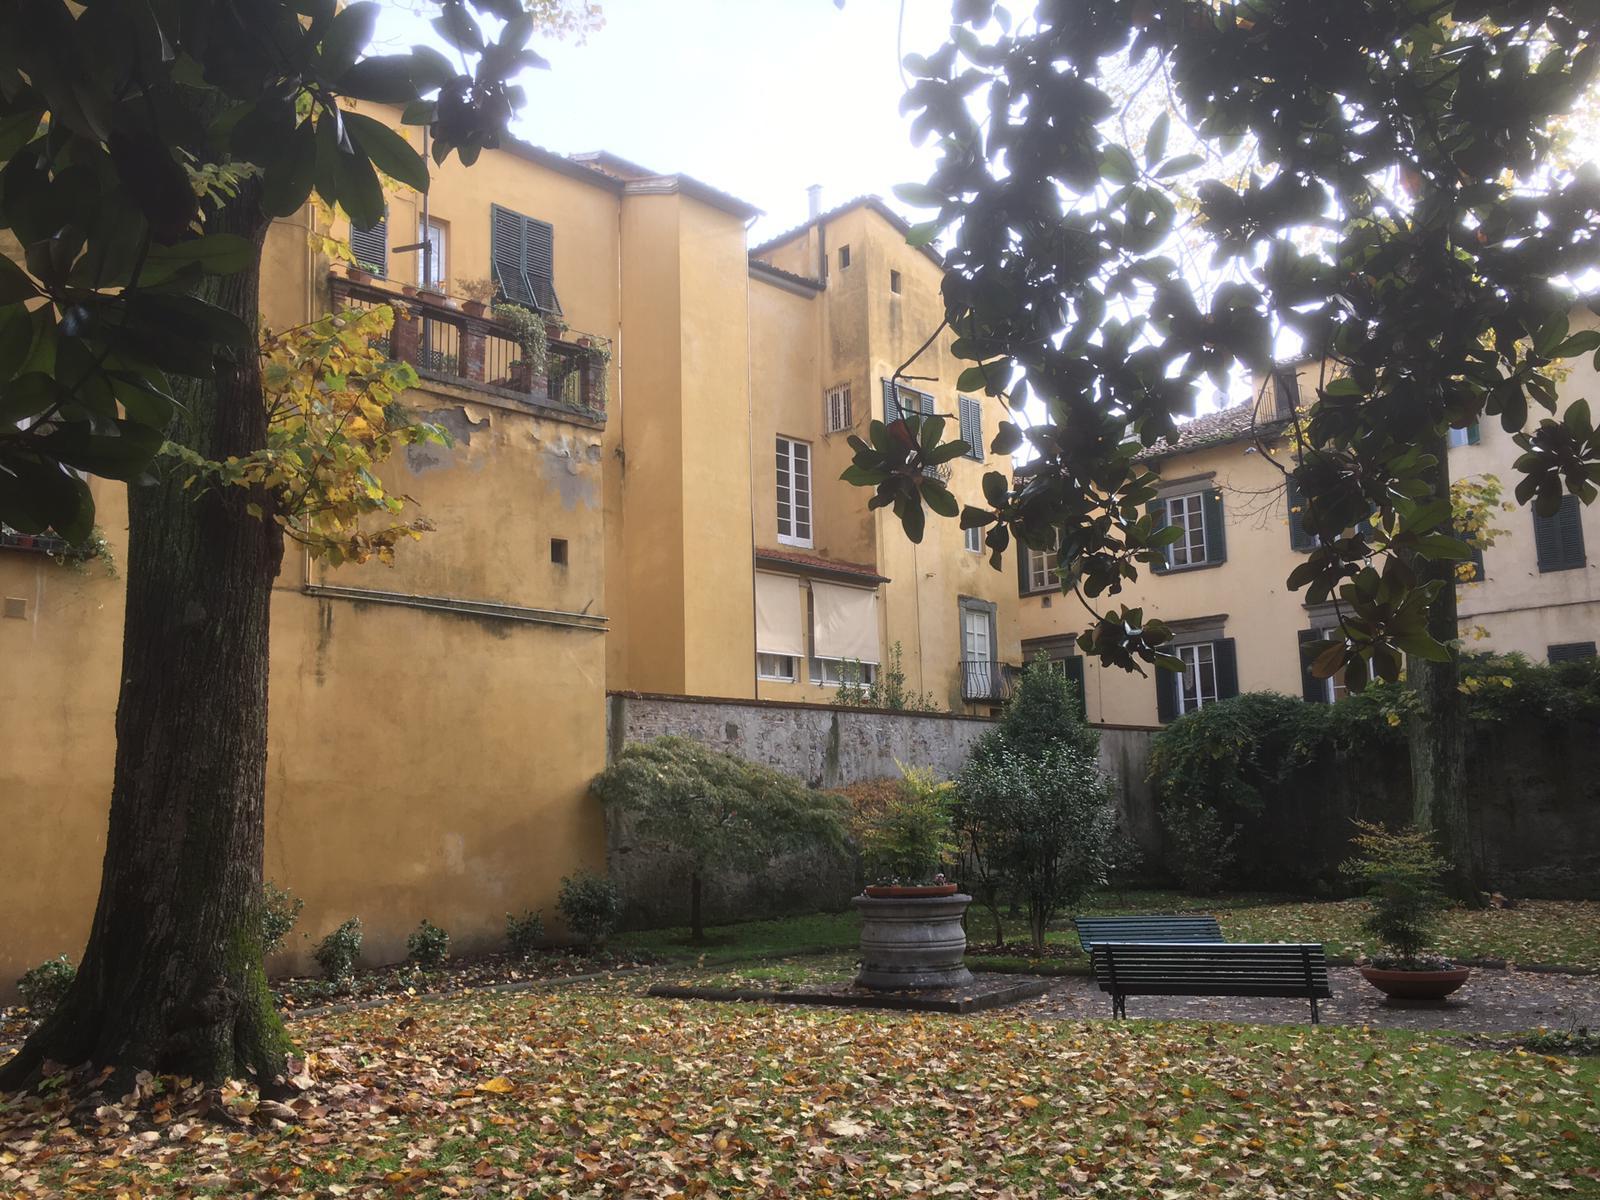 Giardino di fronte a Palazzo Orsetti